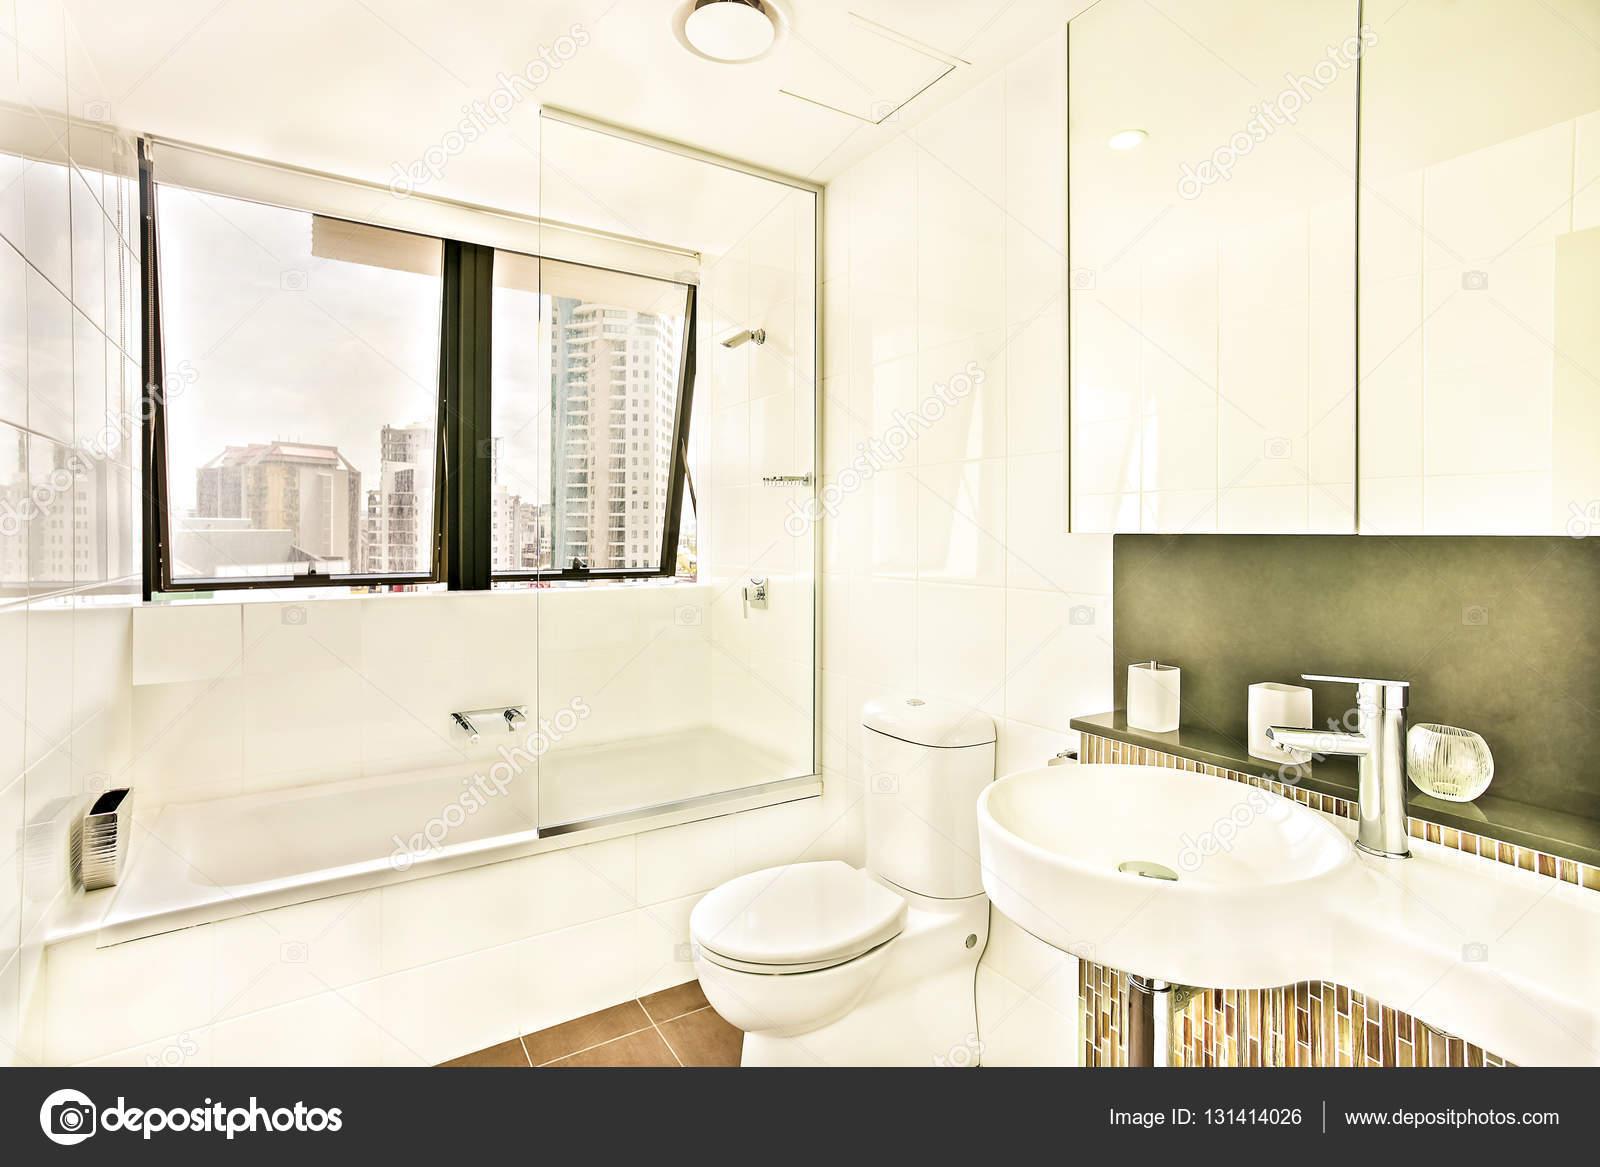 Bagno vicino a finestre di vetro con piastrelle foto stock jrstock1 131414026 - Piastrelle di vetro ...